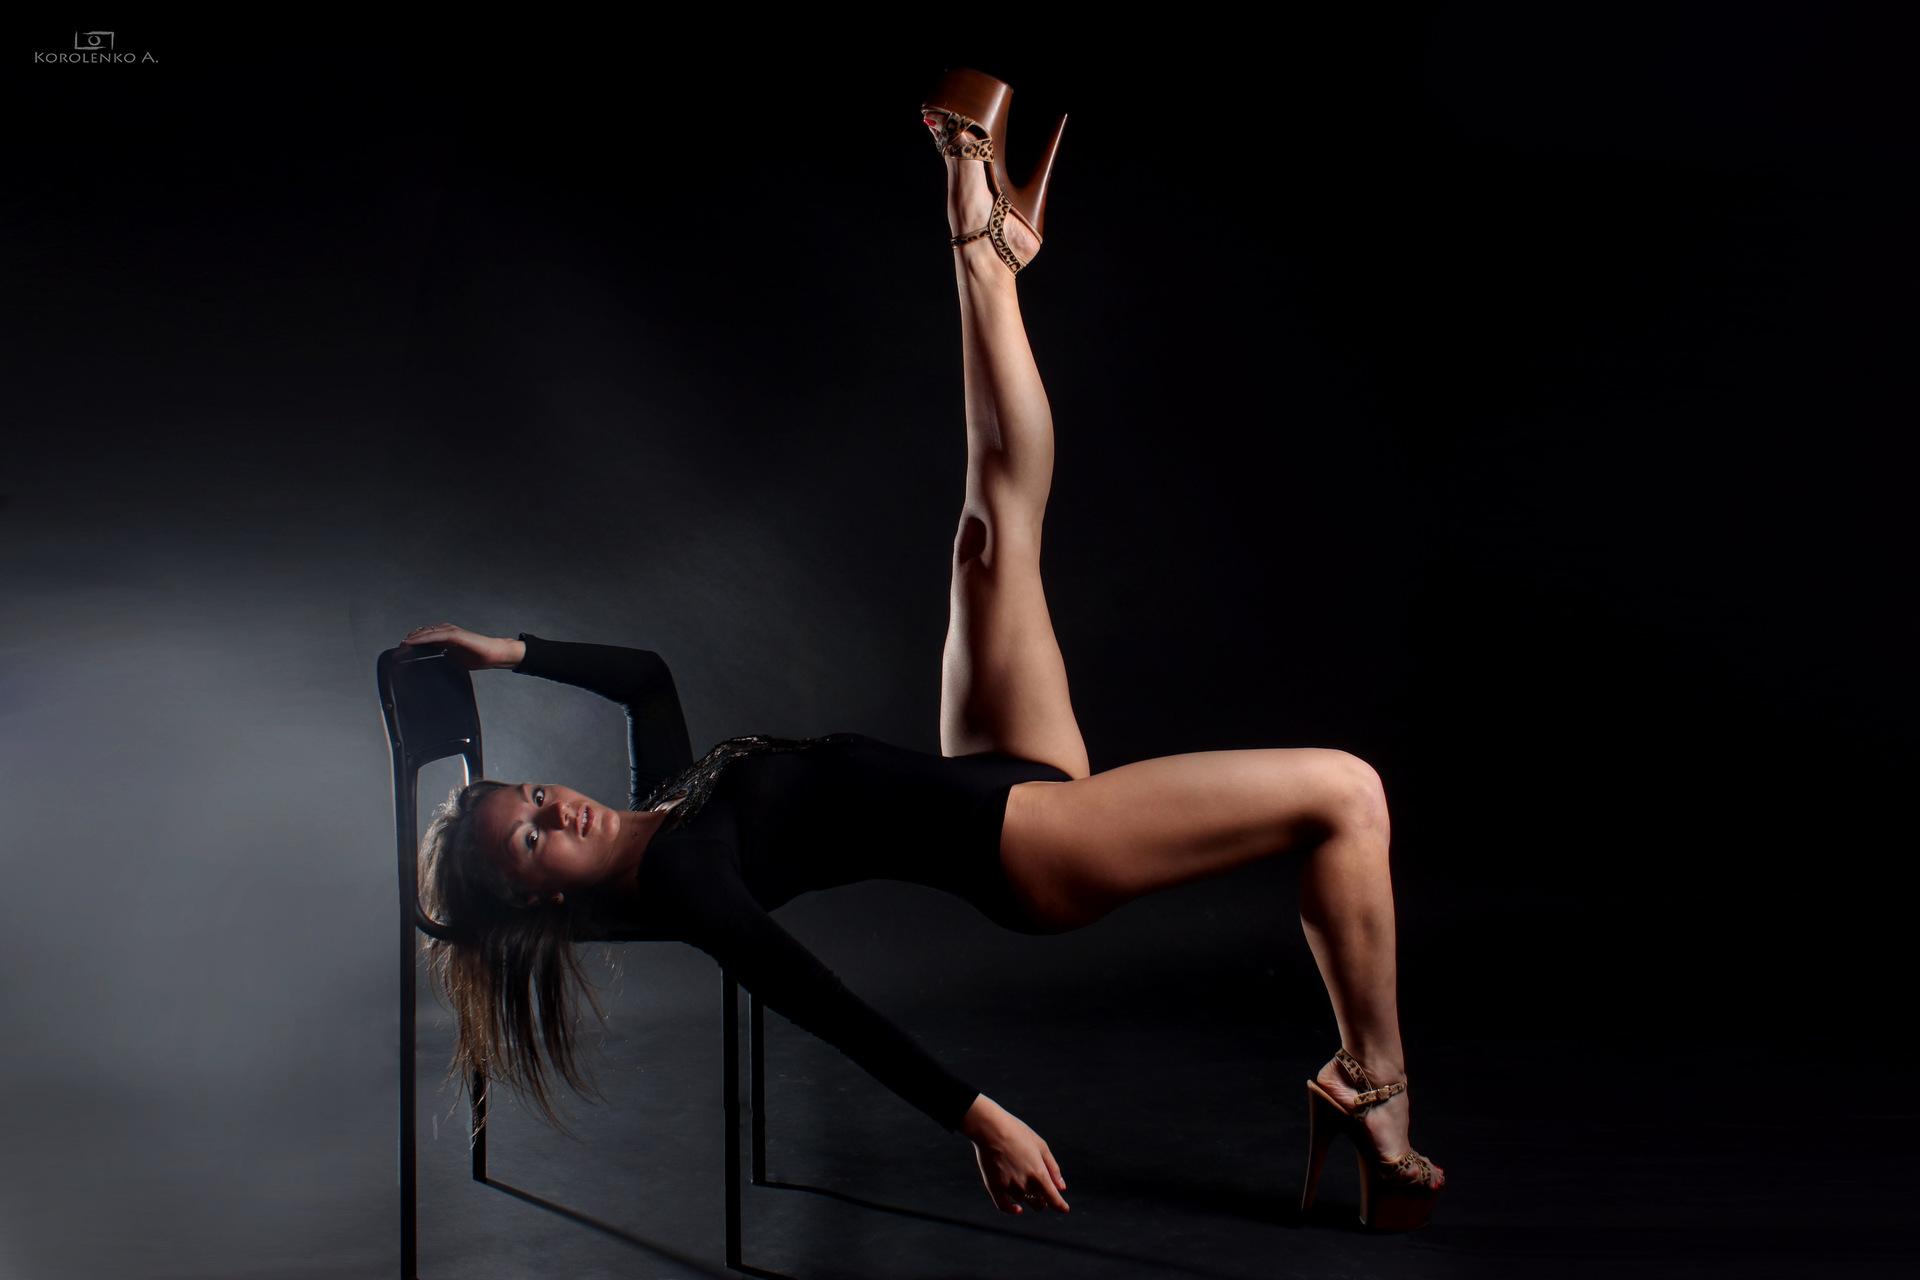 Floppy stripdance